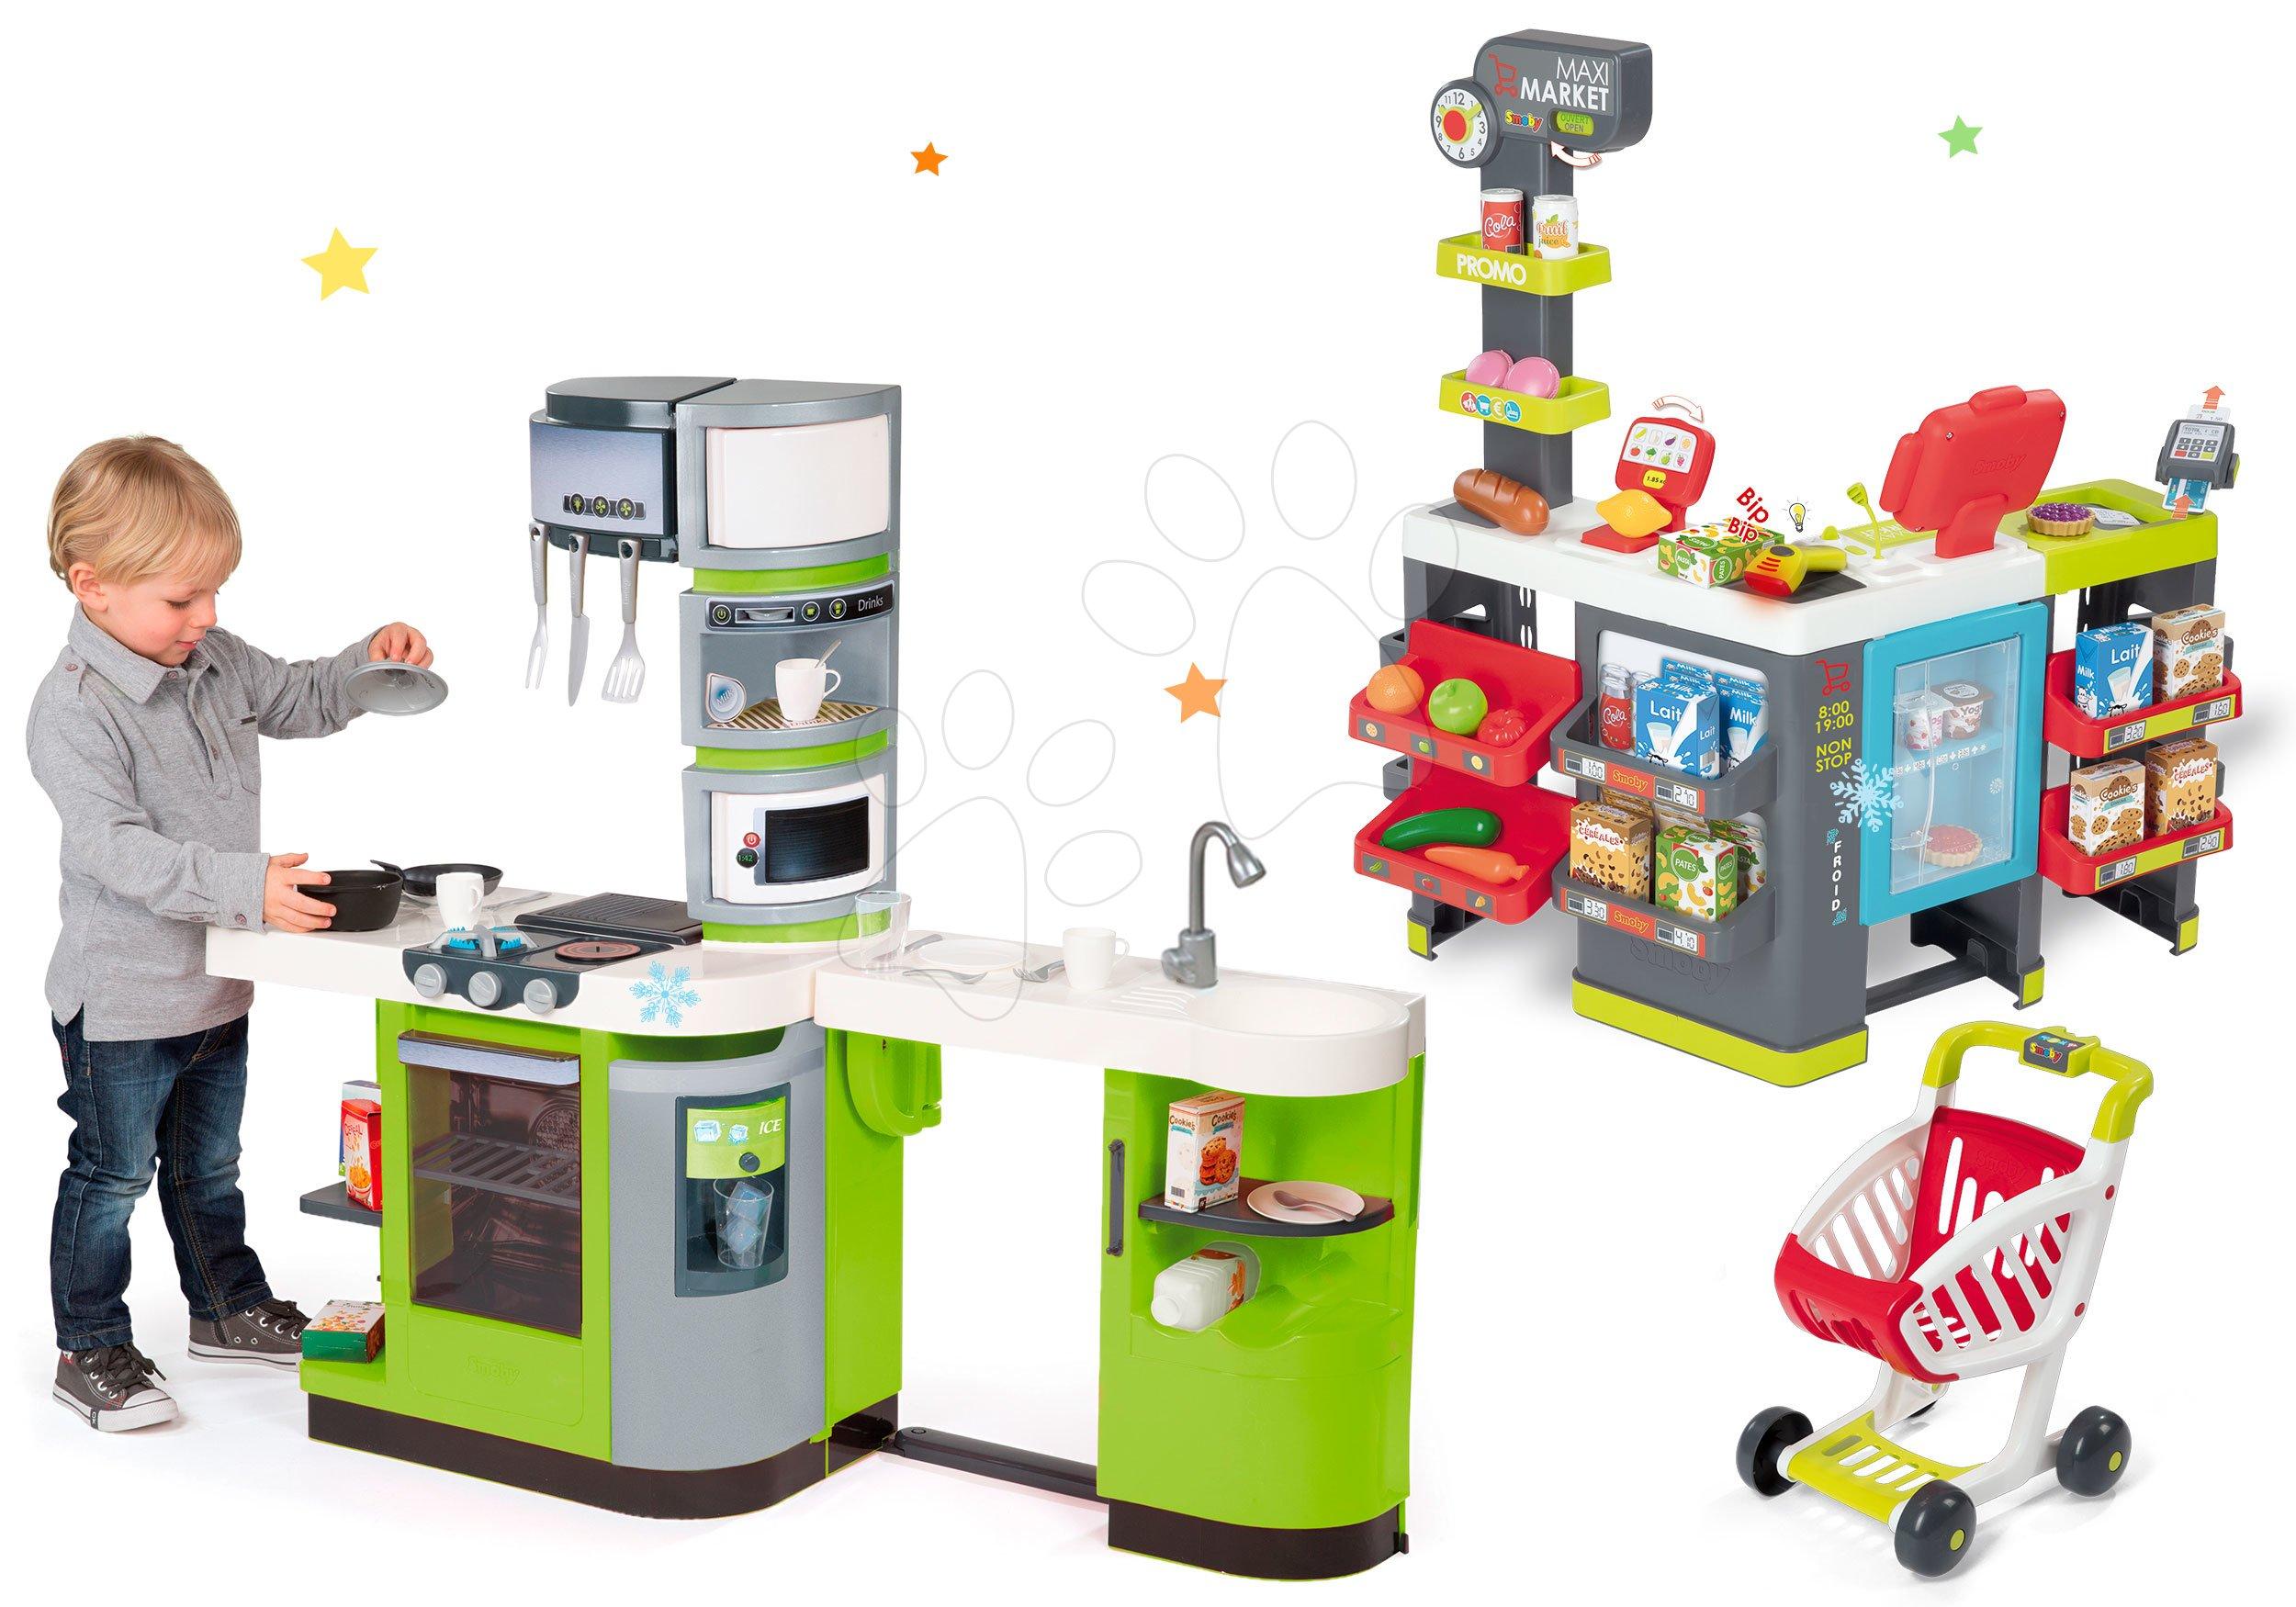 Smoby set dětská kuchyňka CookMaster Verte a obchod Supermarket 311102-22t